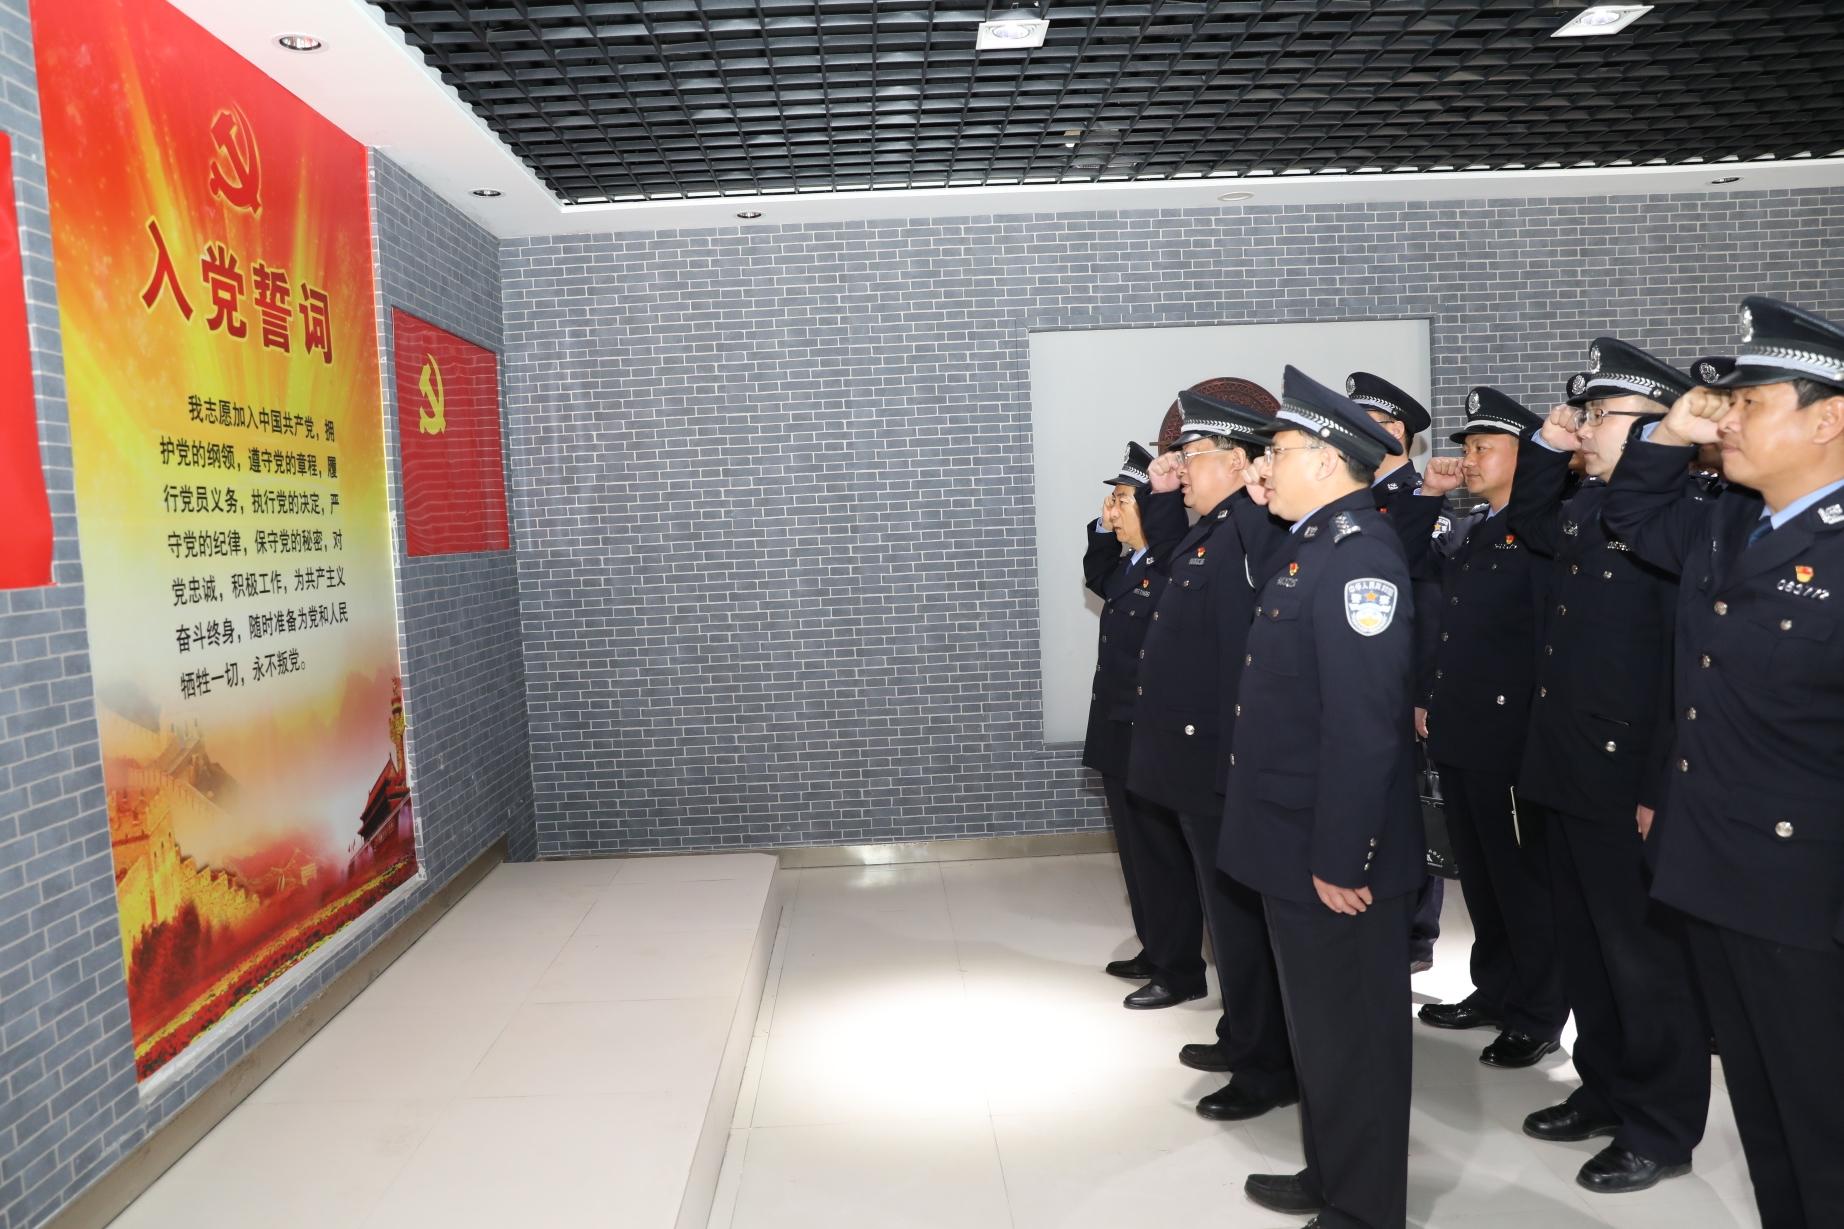 虞城县公安局组织民警参观廉政教育基地